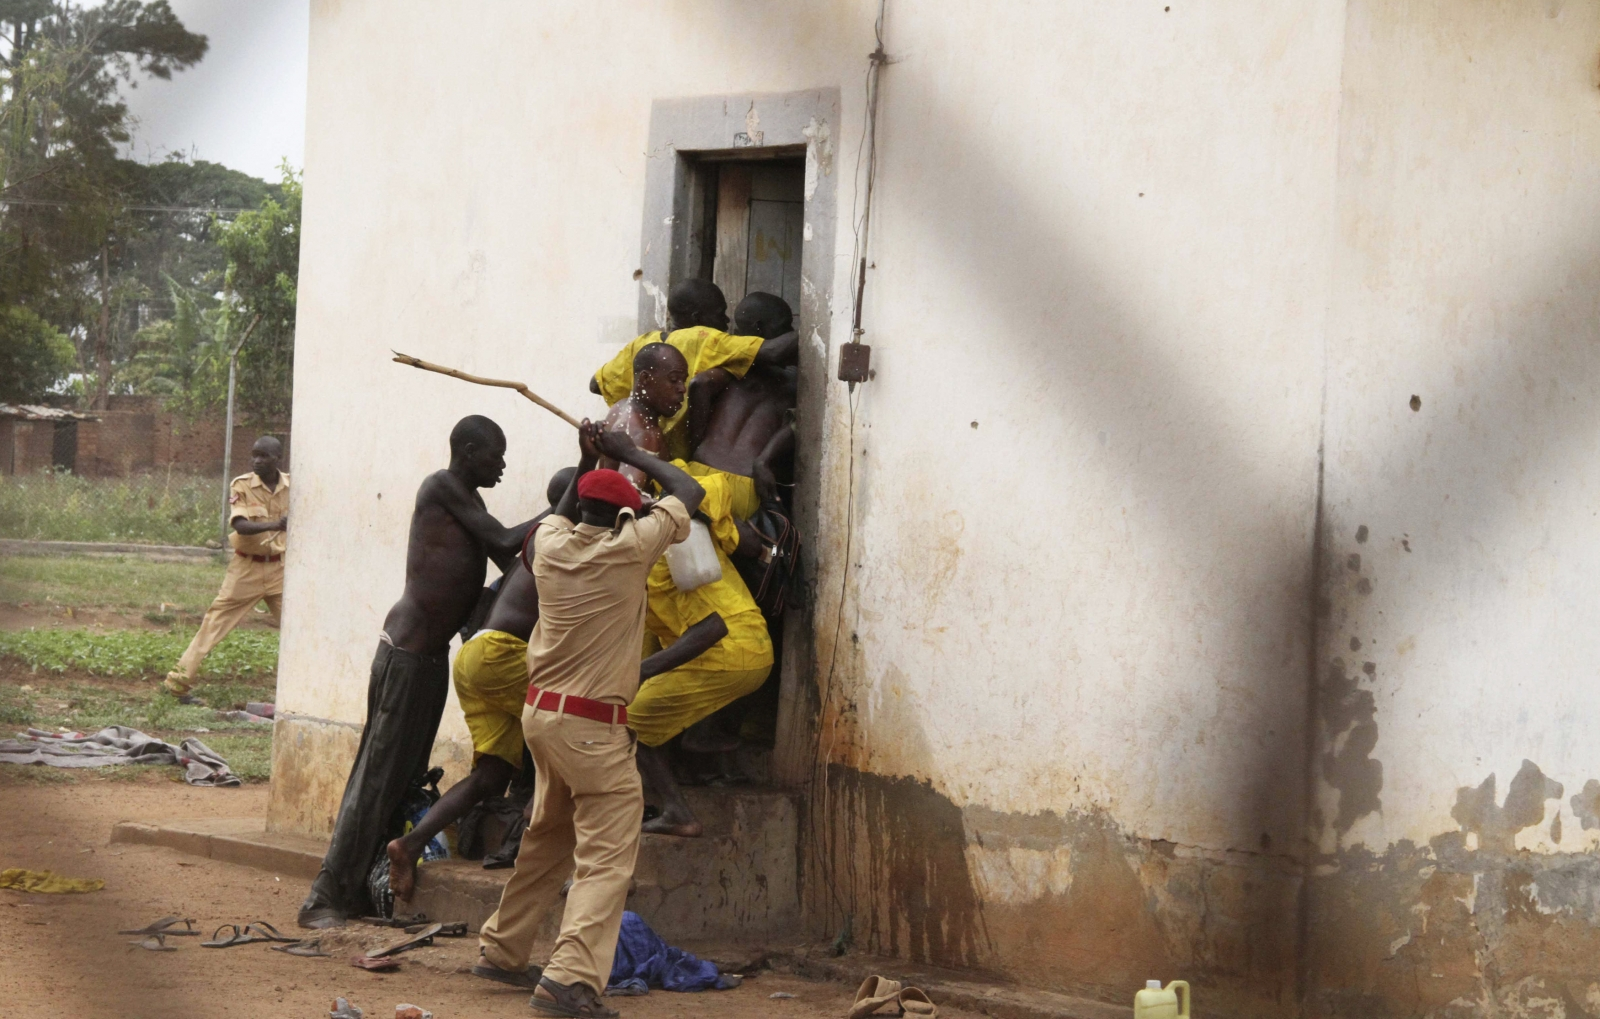 Uganda prisons